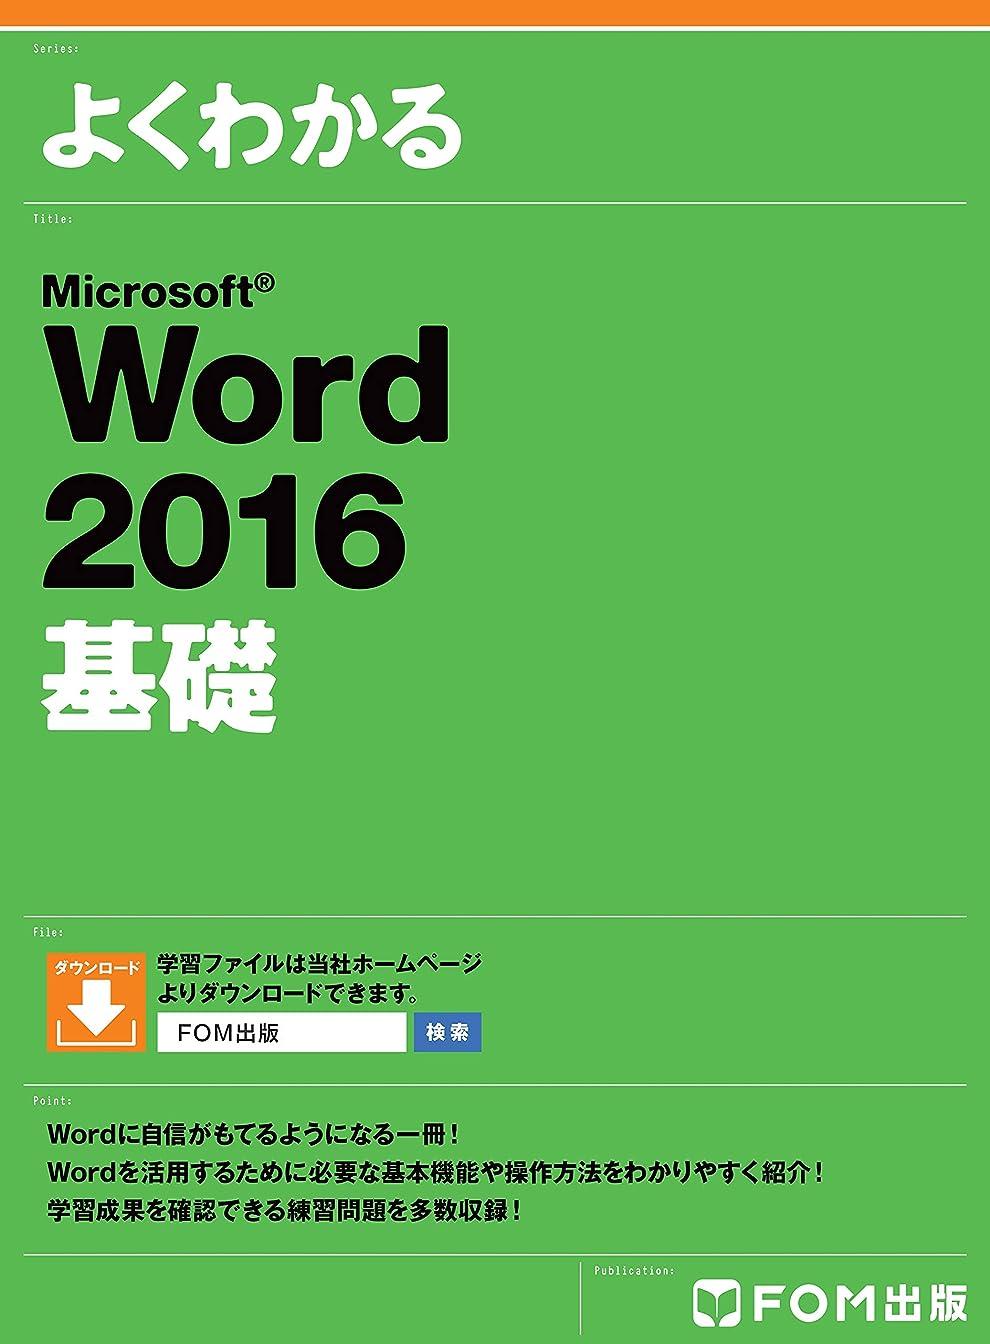 子ボランティアサイトよくわかる Word 2016 基礎